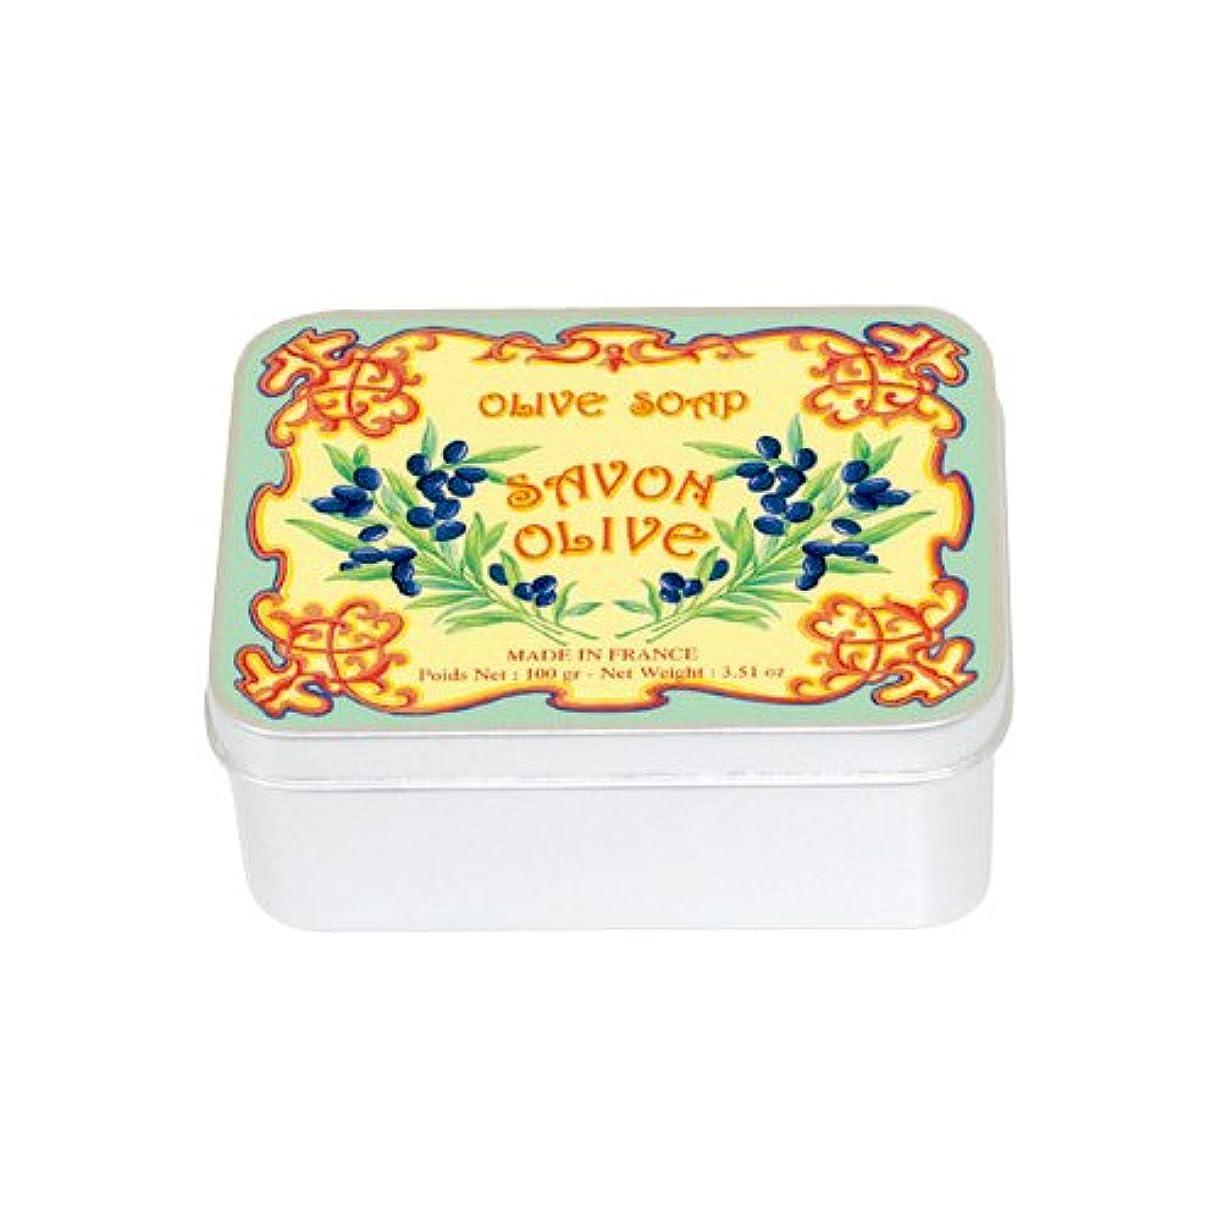 くすぐったい古代古くなったルブランソープ メタルボックス(オリーブの香り)石鹸